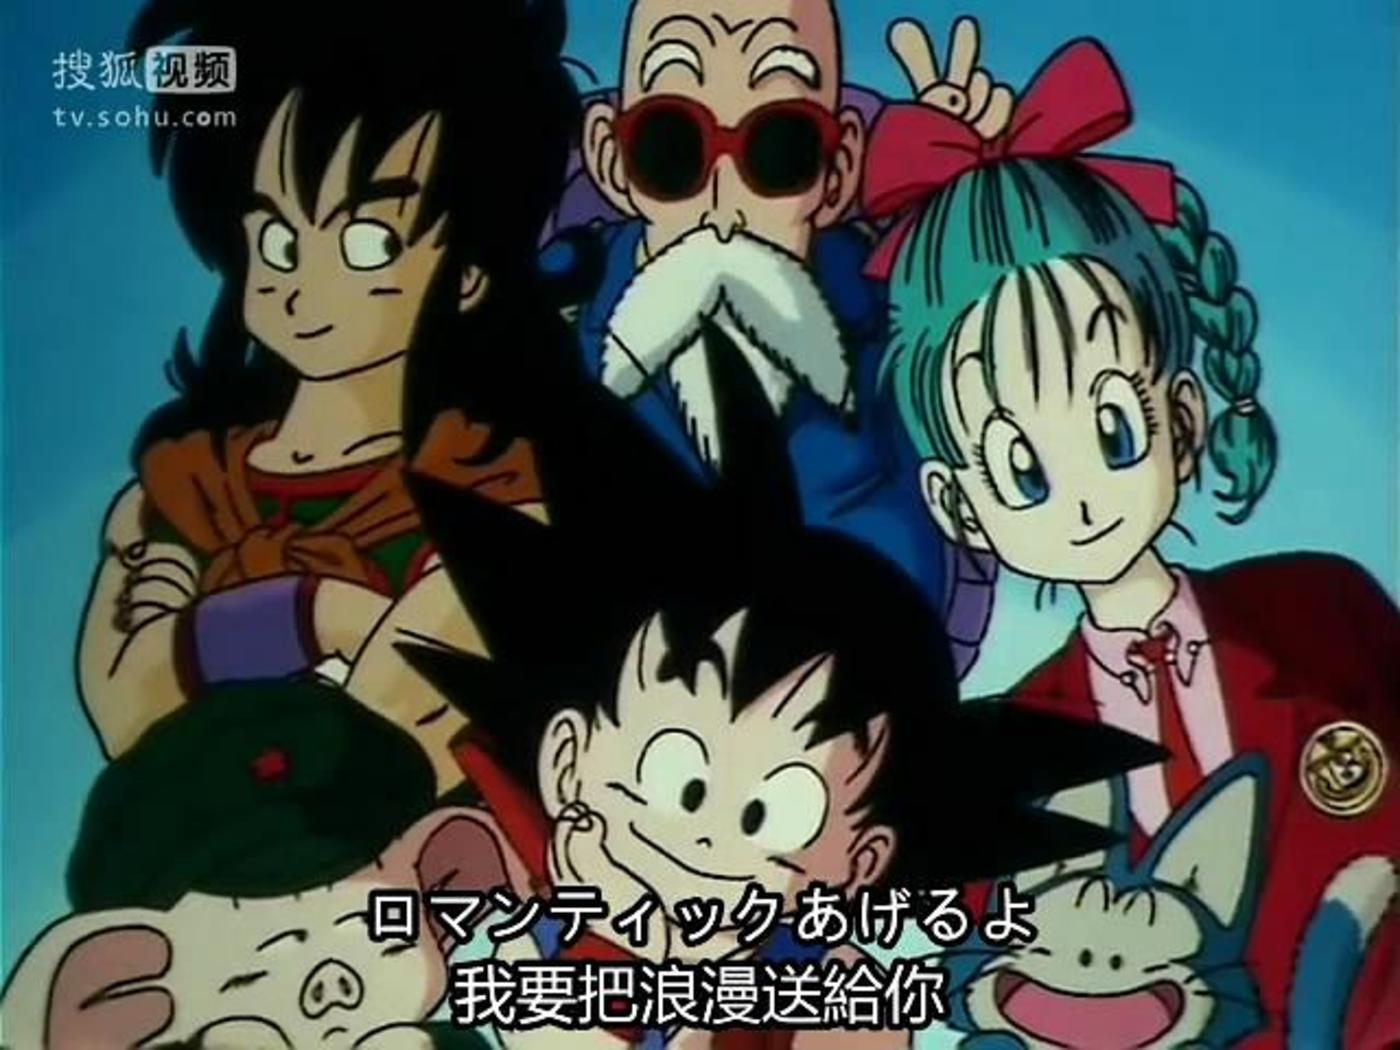 日本集英社旗下漫画《龙珠》